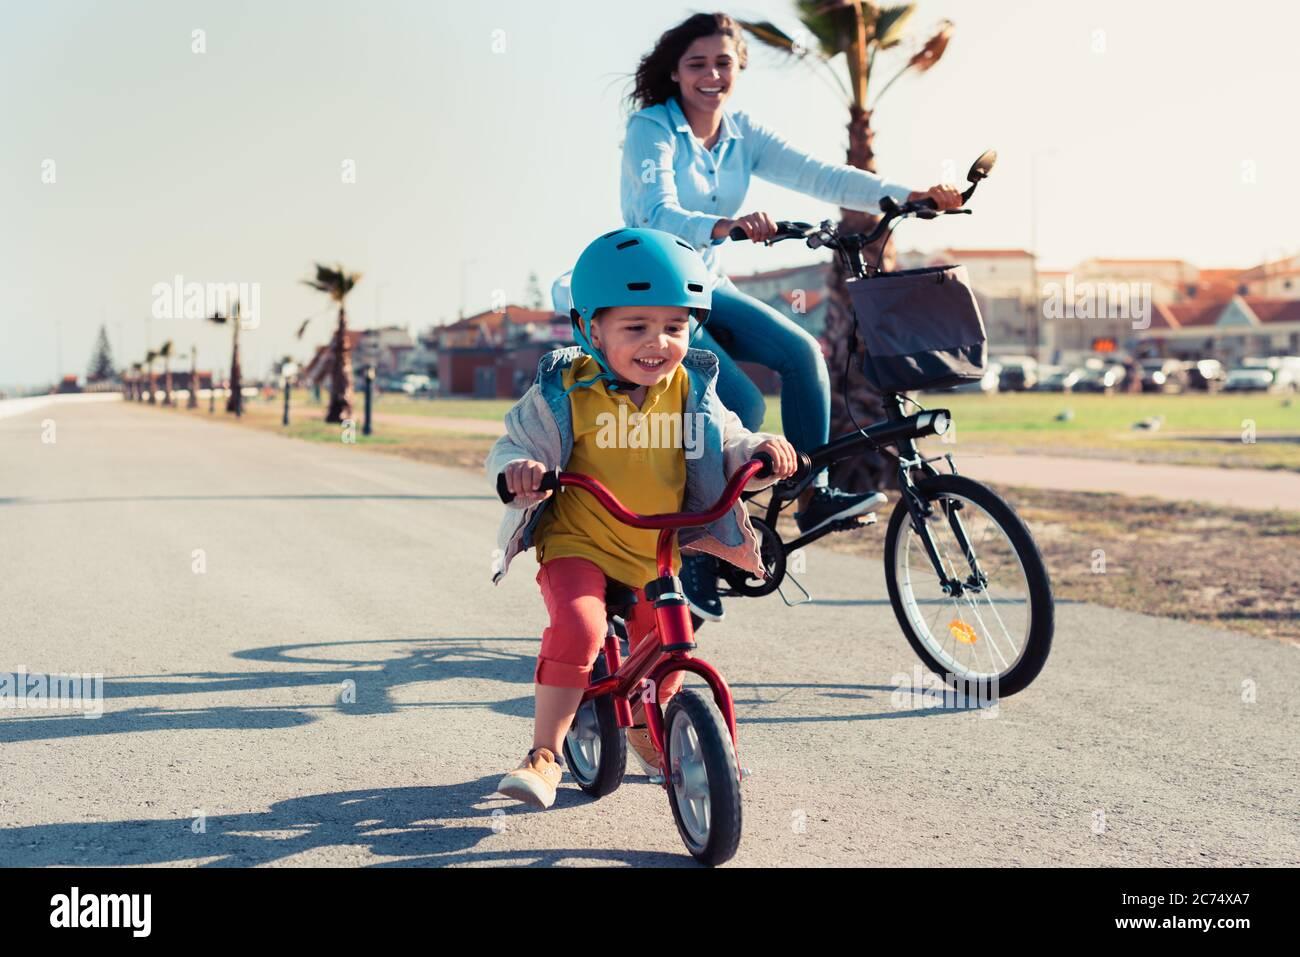 Kleines Kind, das mit seiner Mutter auf einem Fahrrad in einem Stadtpark ein Laufrad fährt Stockfoto